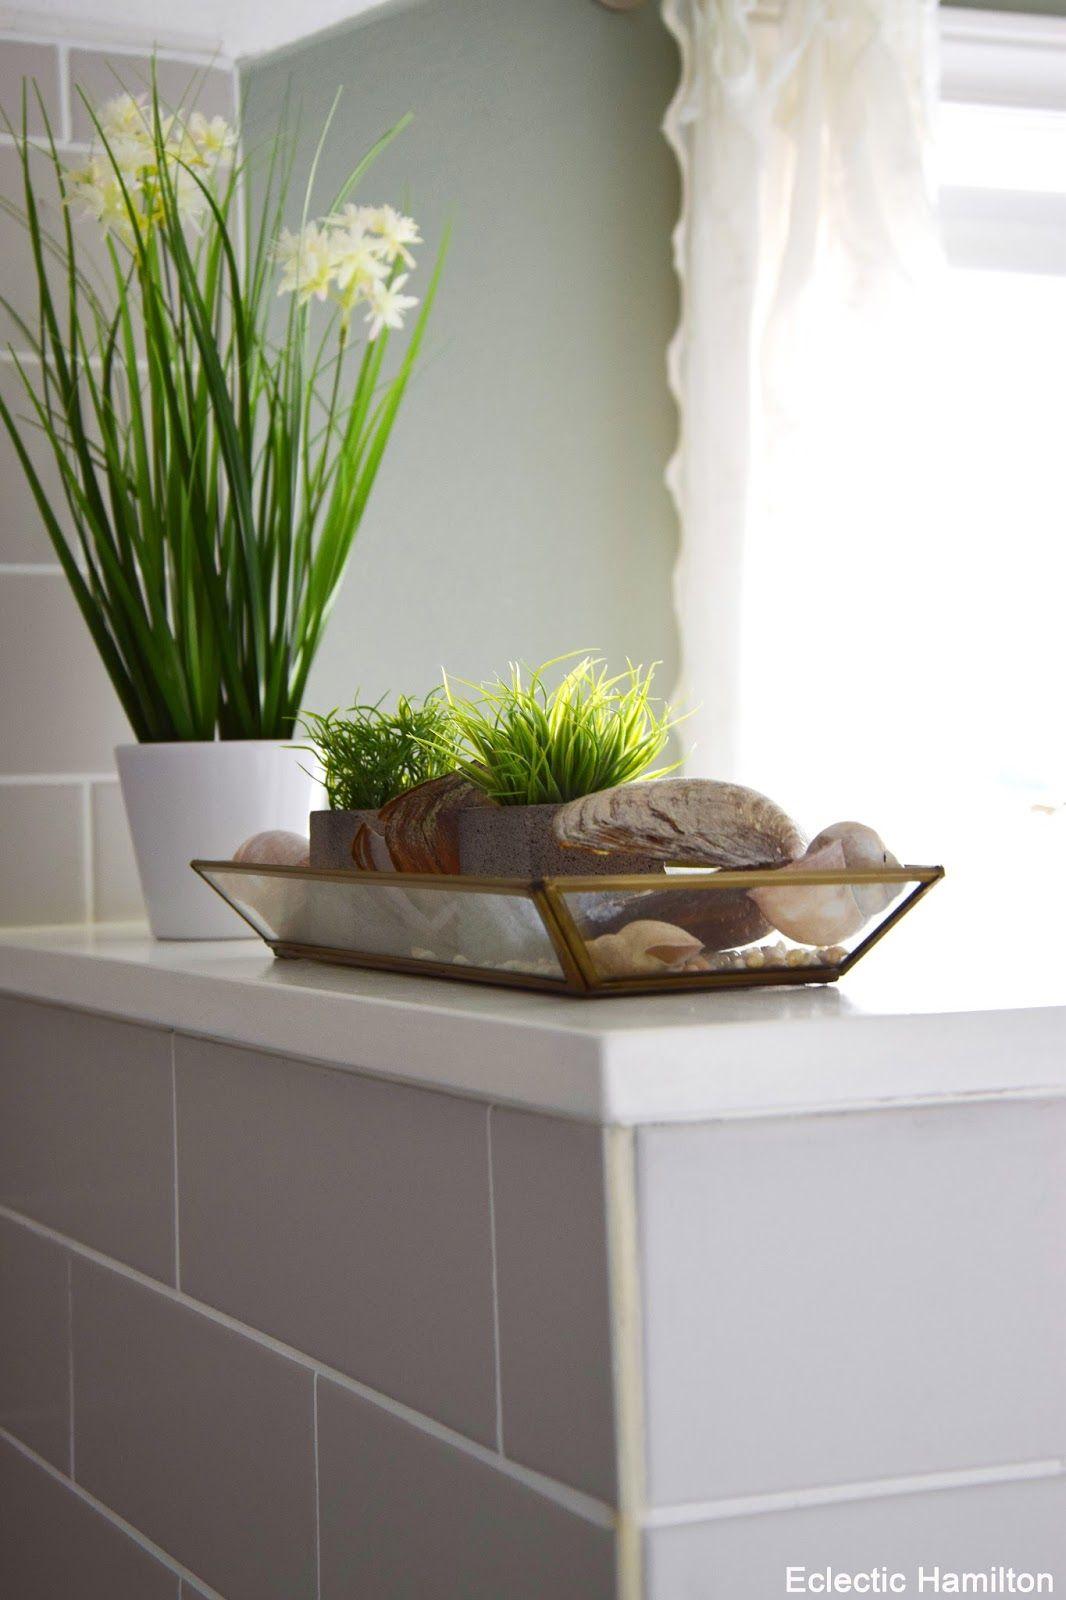 Pflanzen Fur Mein Badezimmer Und Einblicke Endlich Mal Wieder In 2020 Badezimmer Ohne Fenster Pflanzen Furs Bad Badezimmer